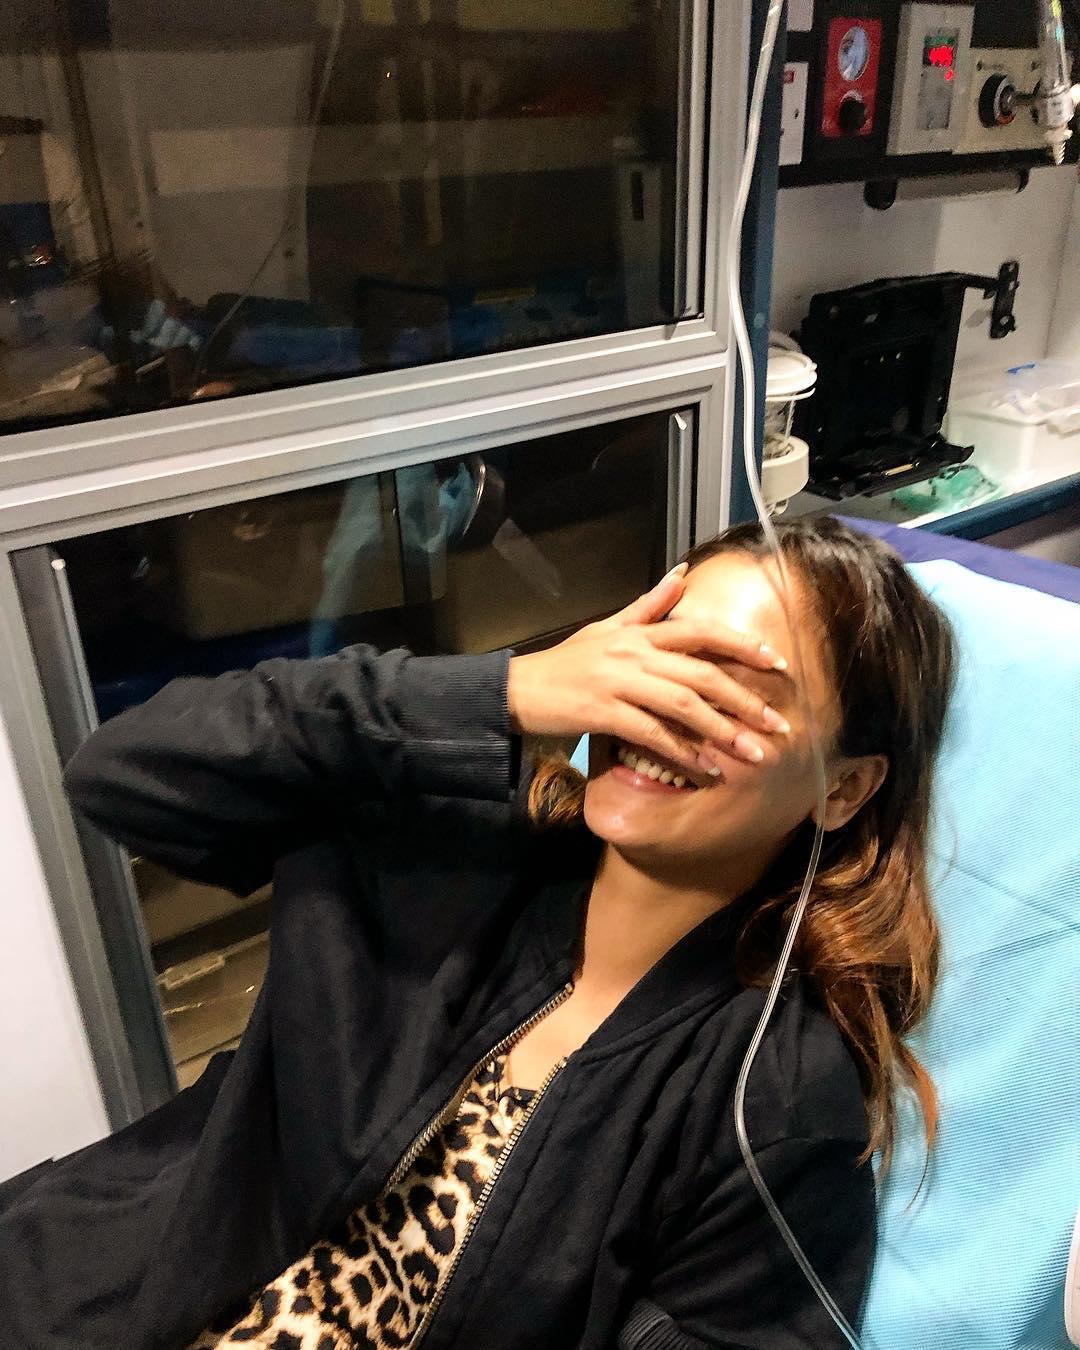 काही दिवसांपुर्वी 6 ऑगस्टला तिला फुड पॉयझन झाला होता. त्यावेळी तिला दुबईमध्ये रुग्णालयात भरती करण्यात आलं होतं.